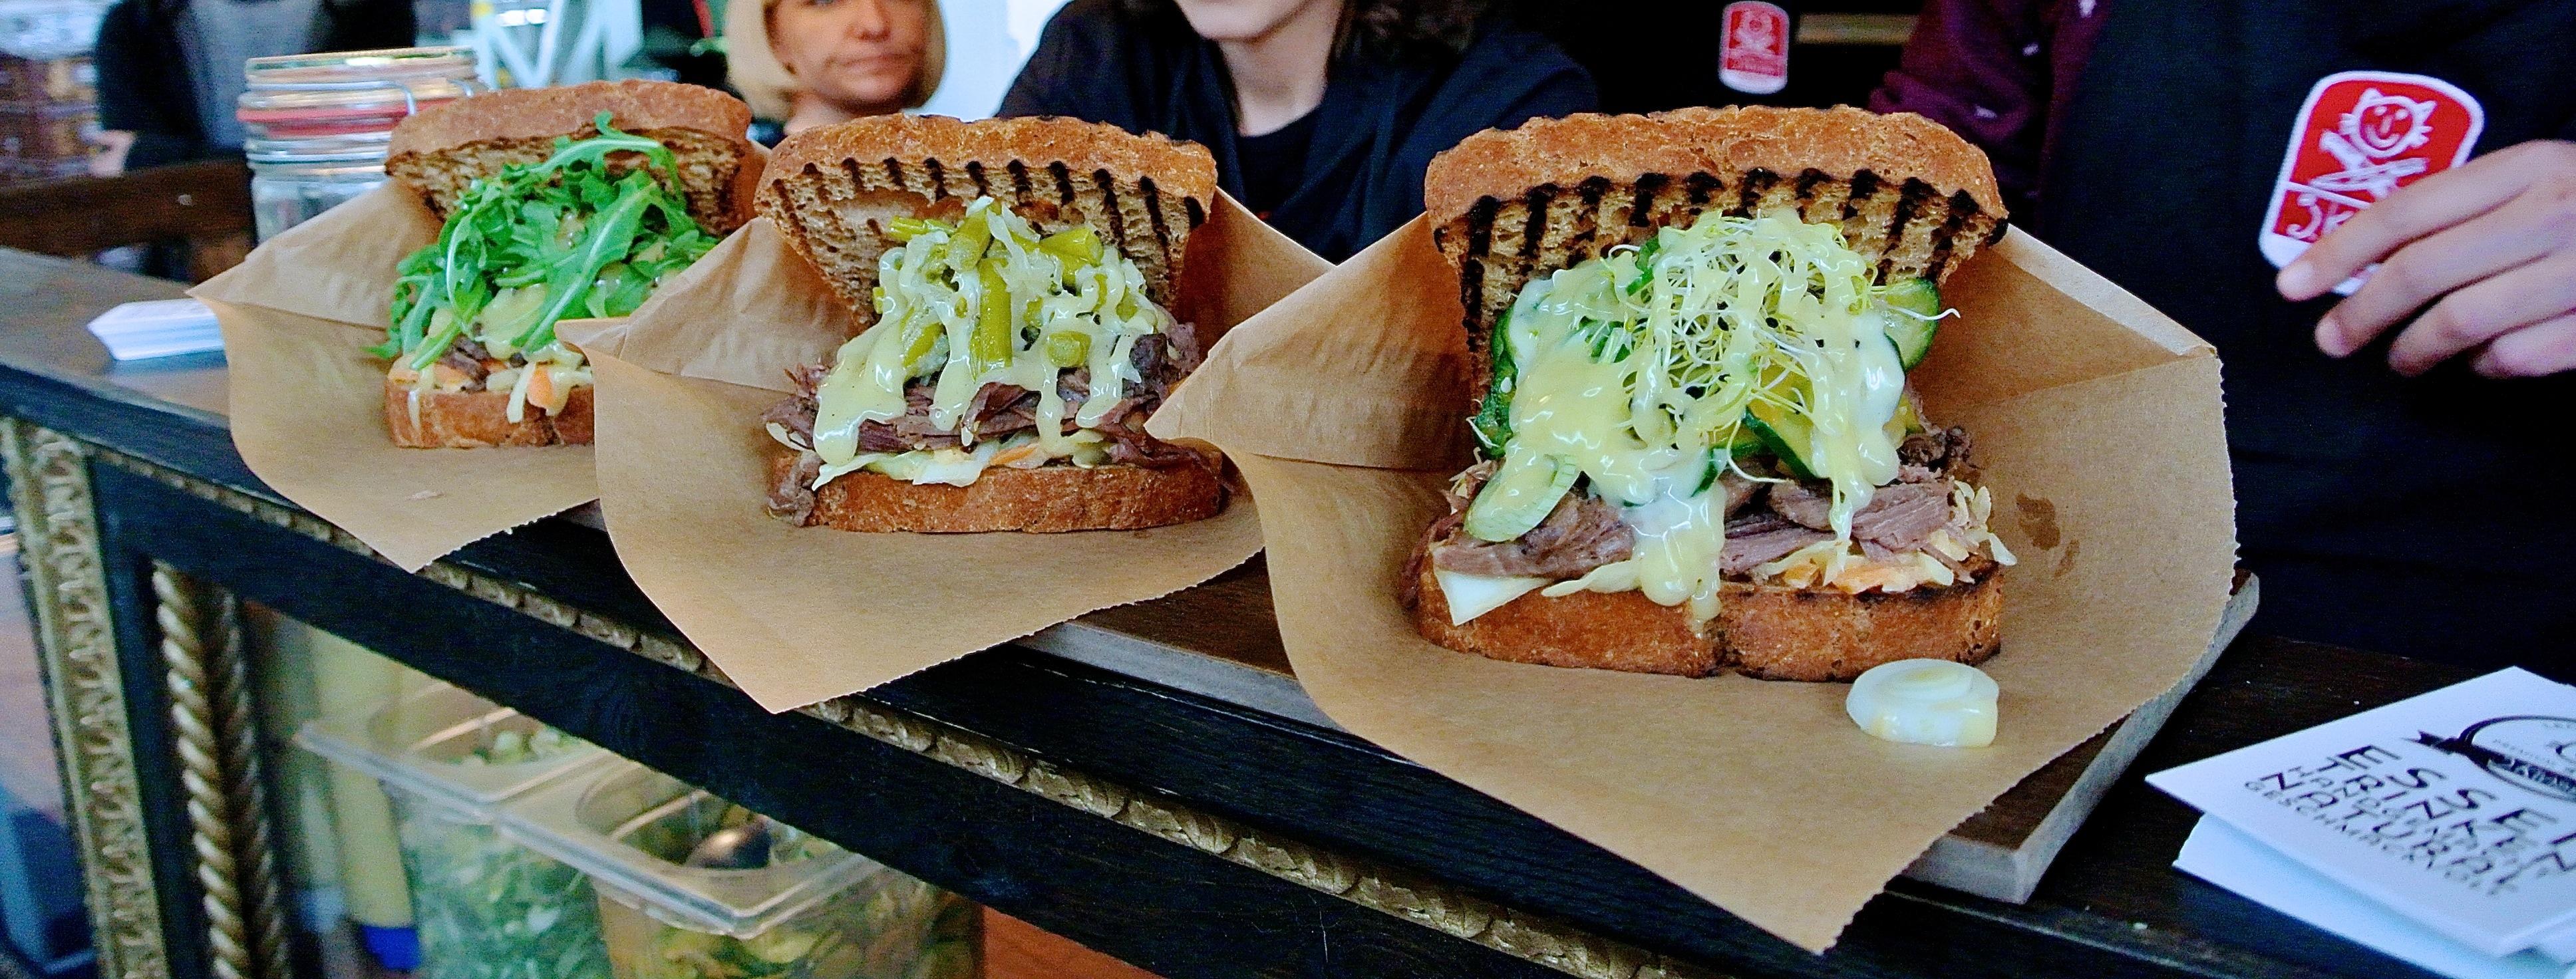 Die besten Food-Podcasts – meine Empfehlungen